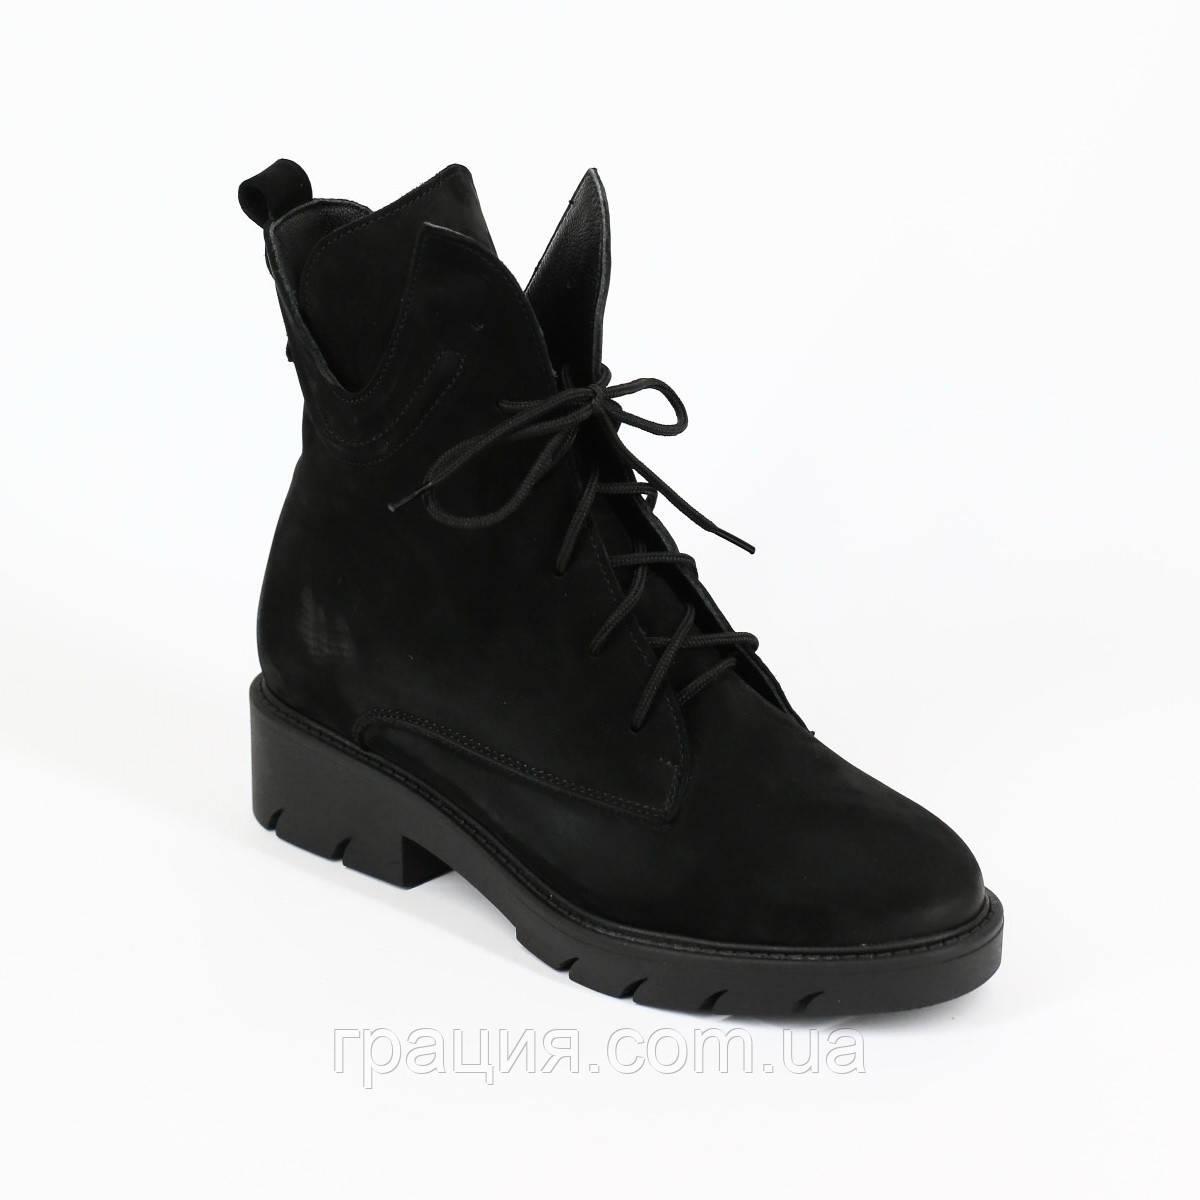 Стильні жіночі замшеві зимові черевики